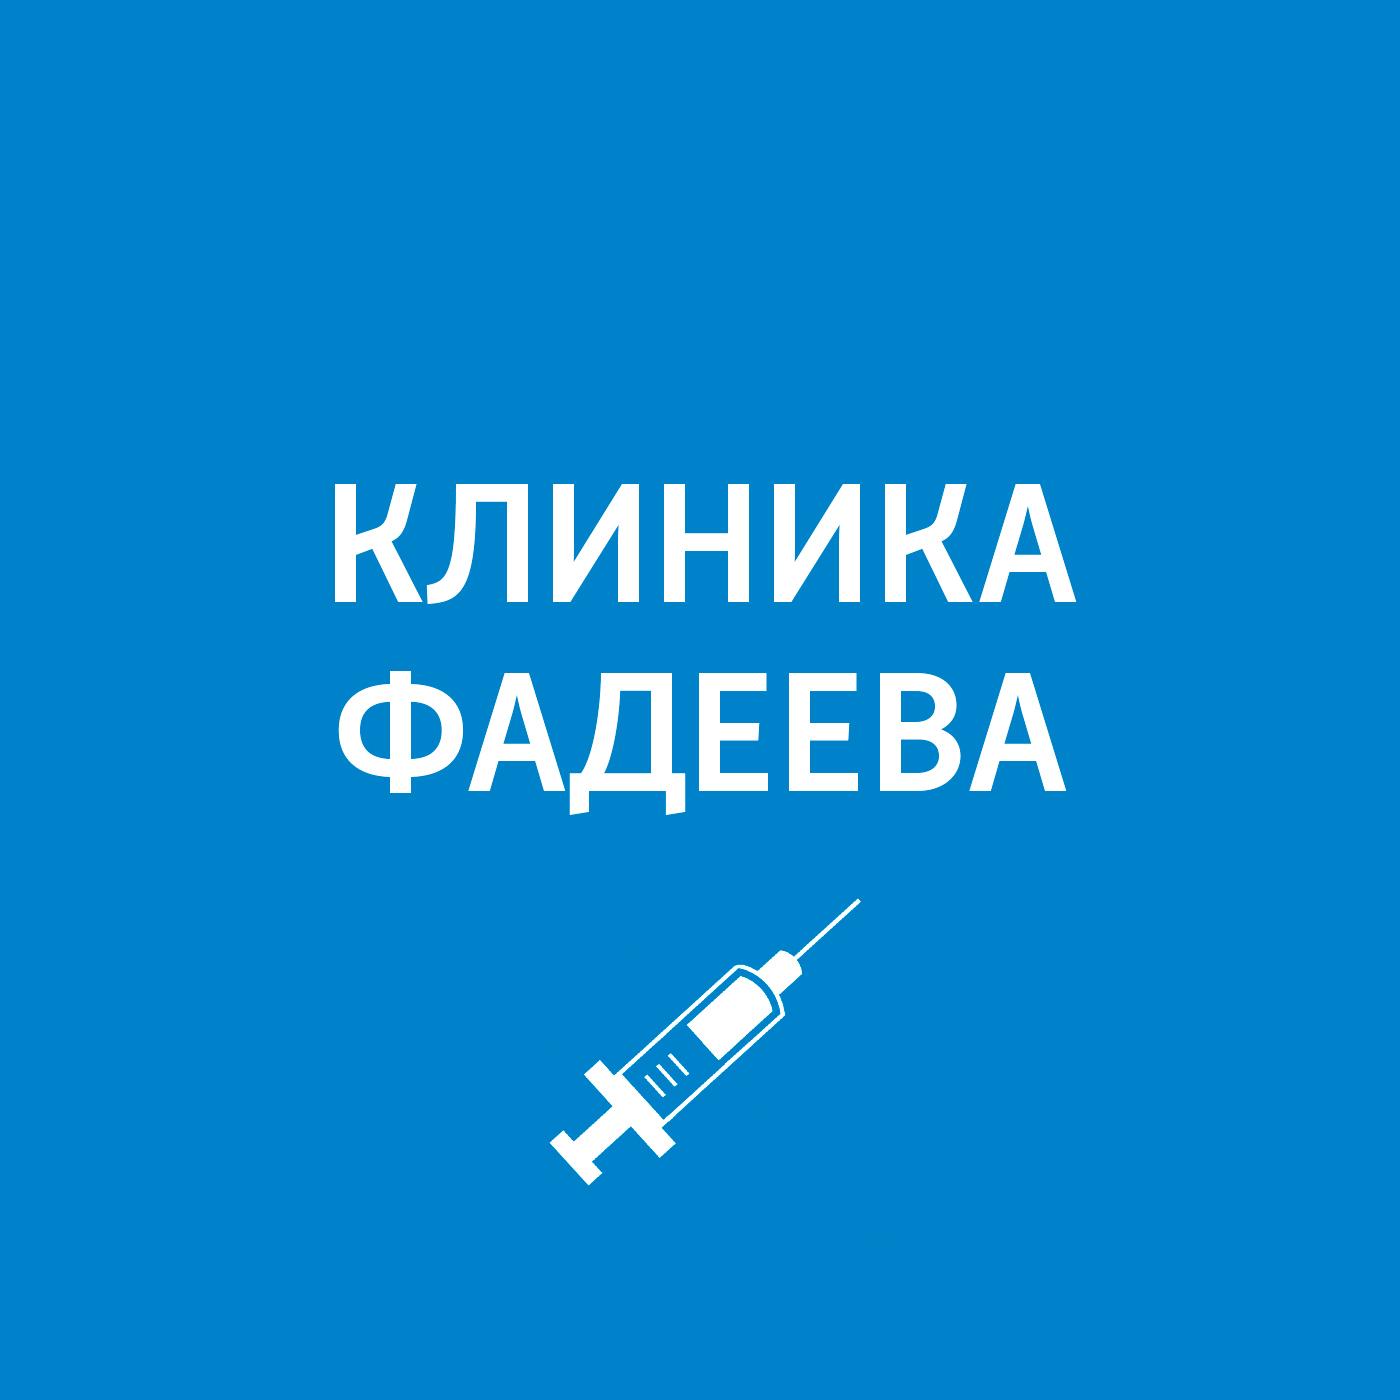 Пётр Фадеев Приём ведёт кистевой микрохирург пётр фадеев кинезиолог остеопат